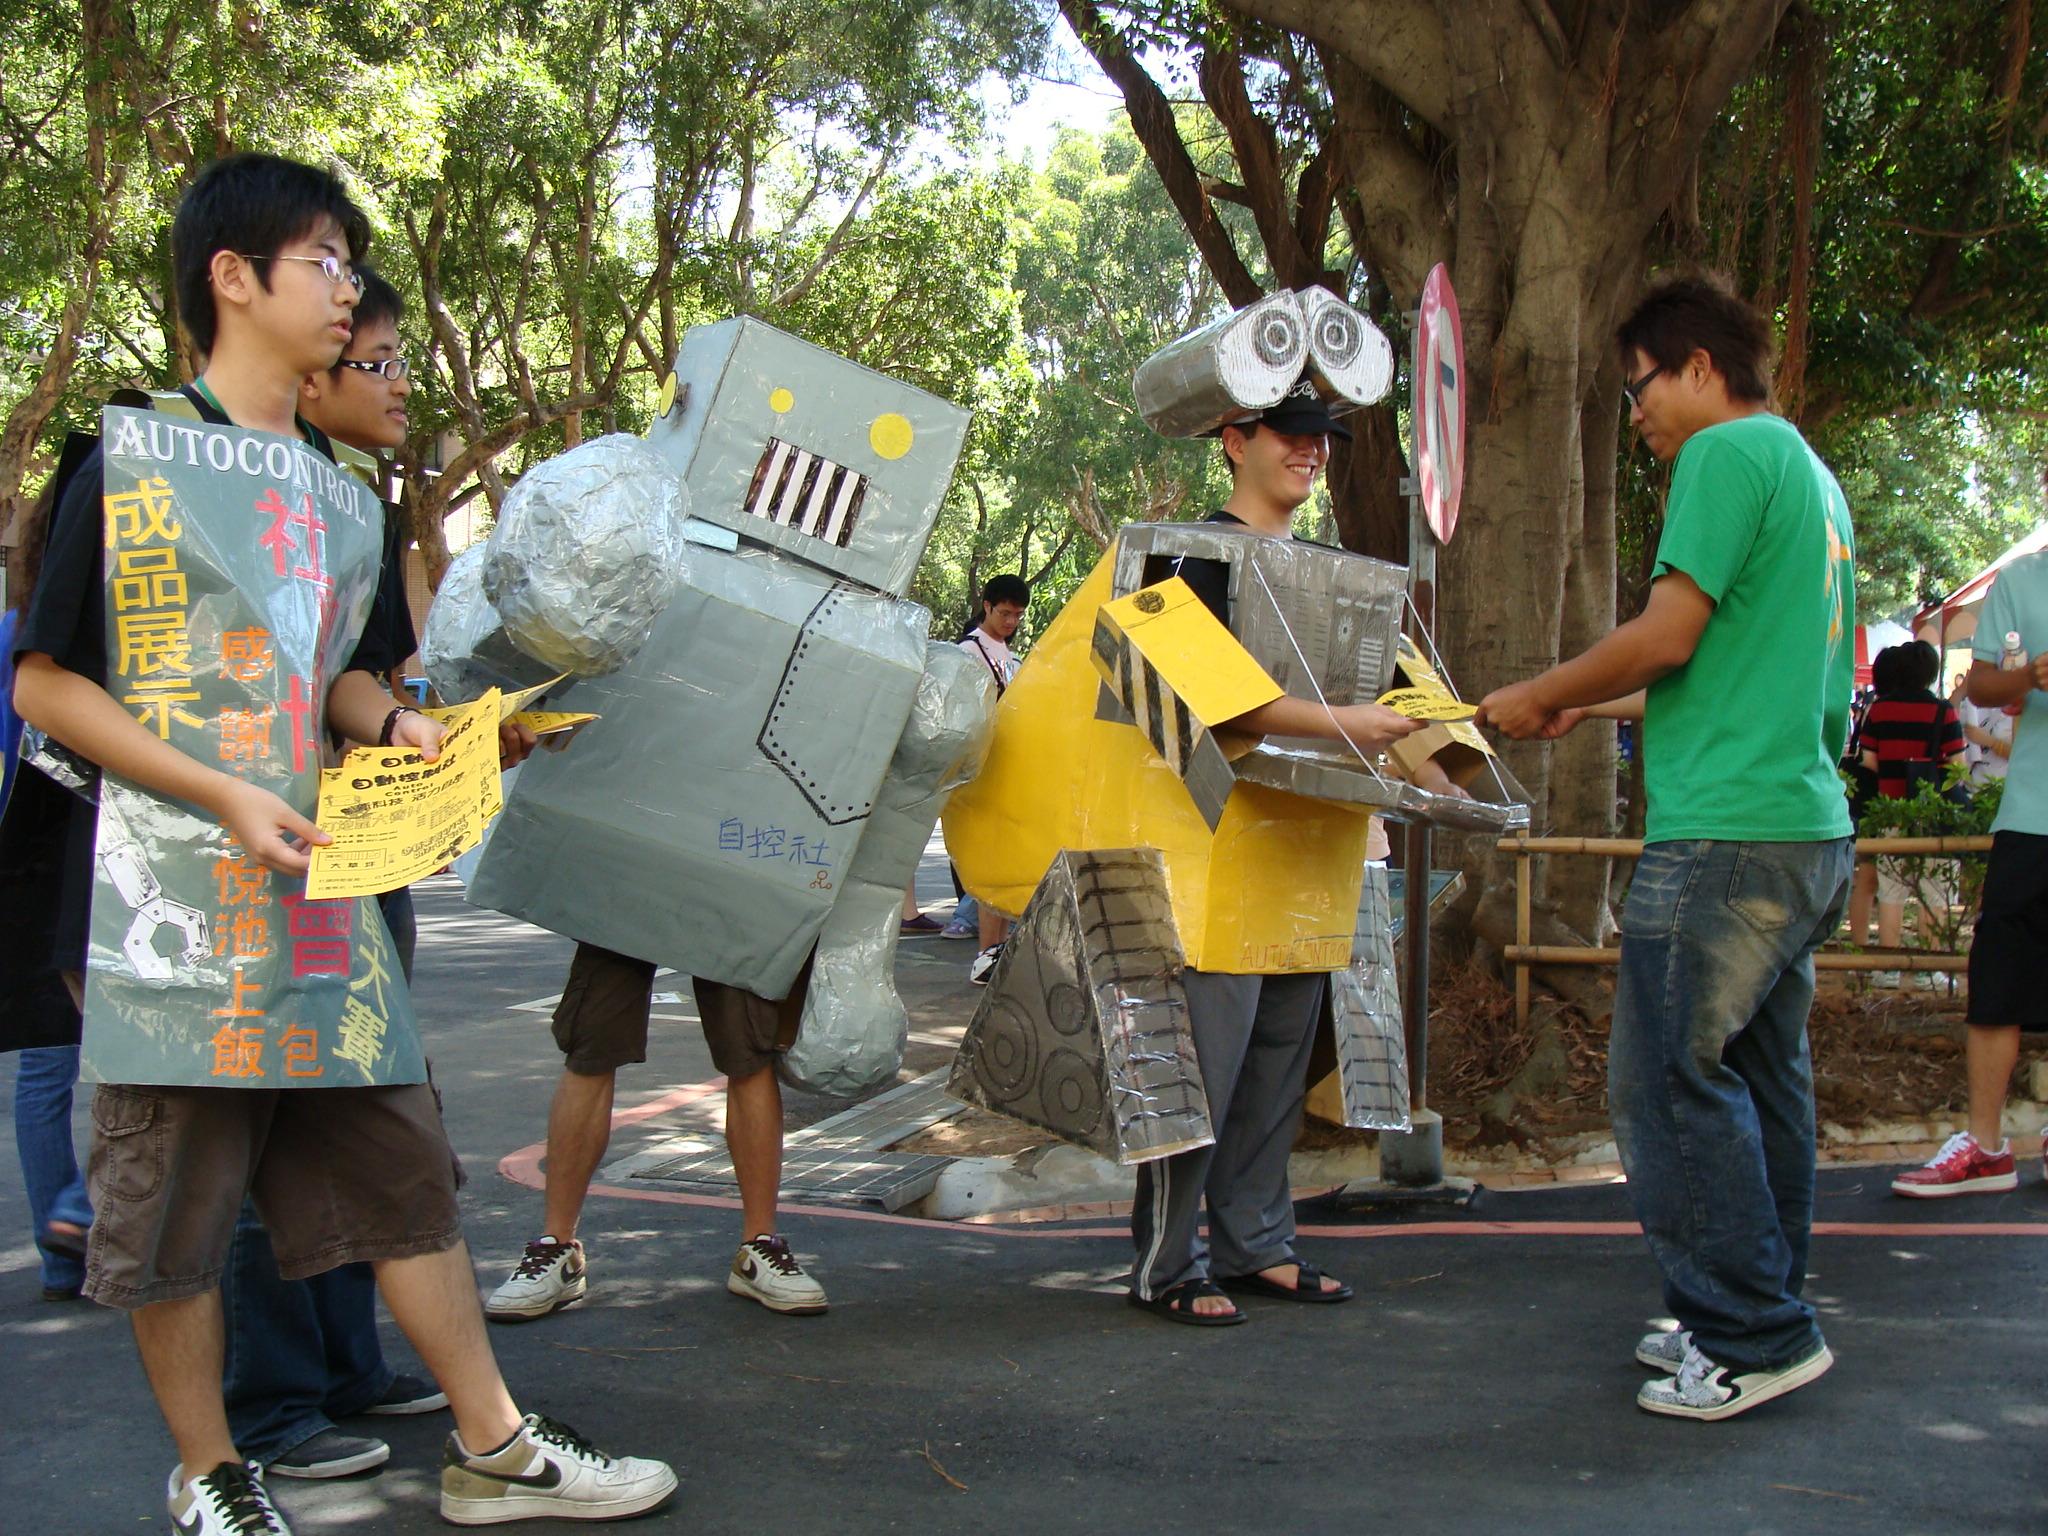 新鮮人開學系列活動 中原大學社團博覽會打頭陣